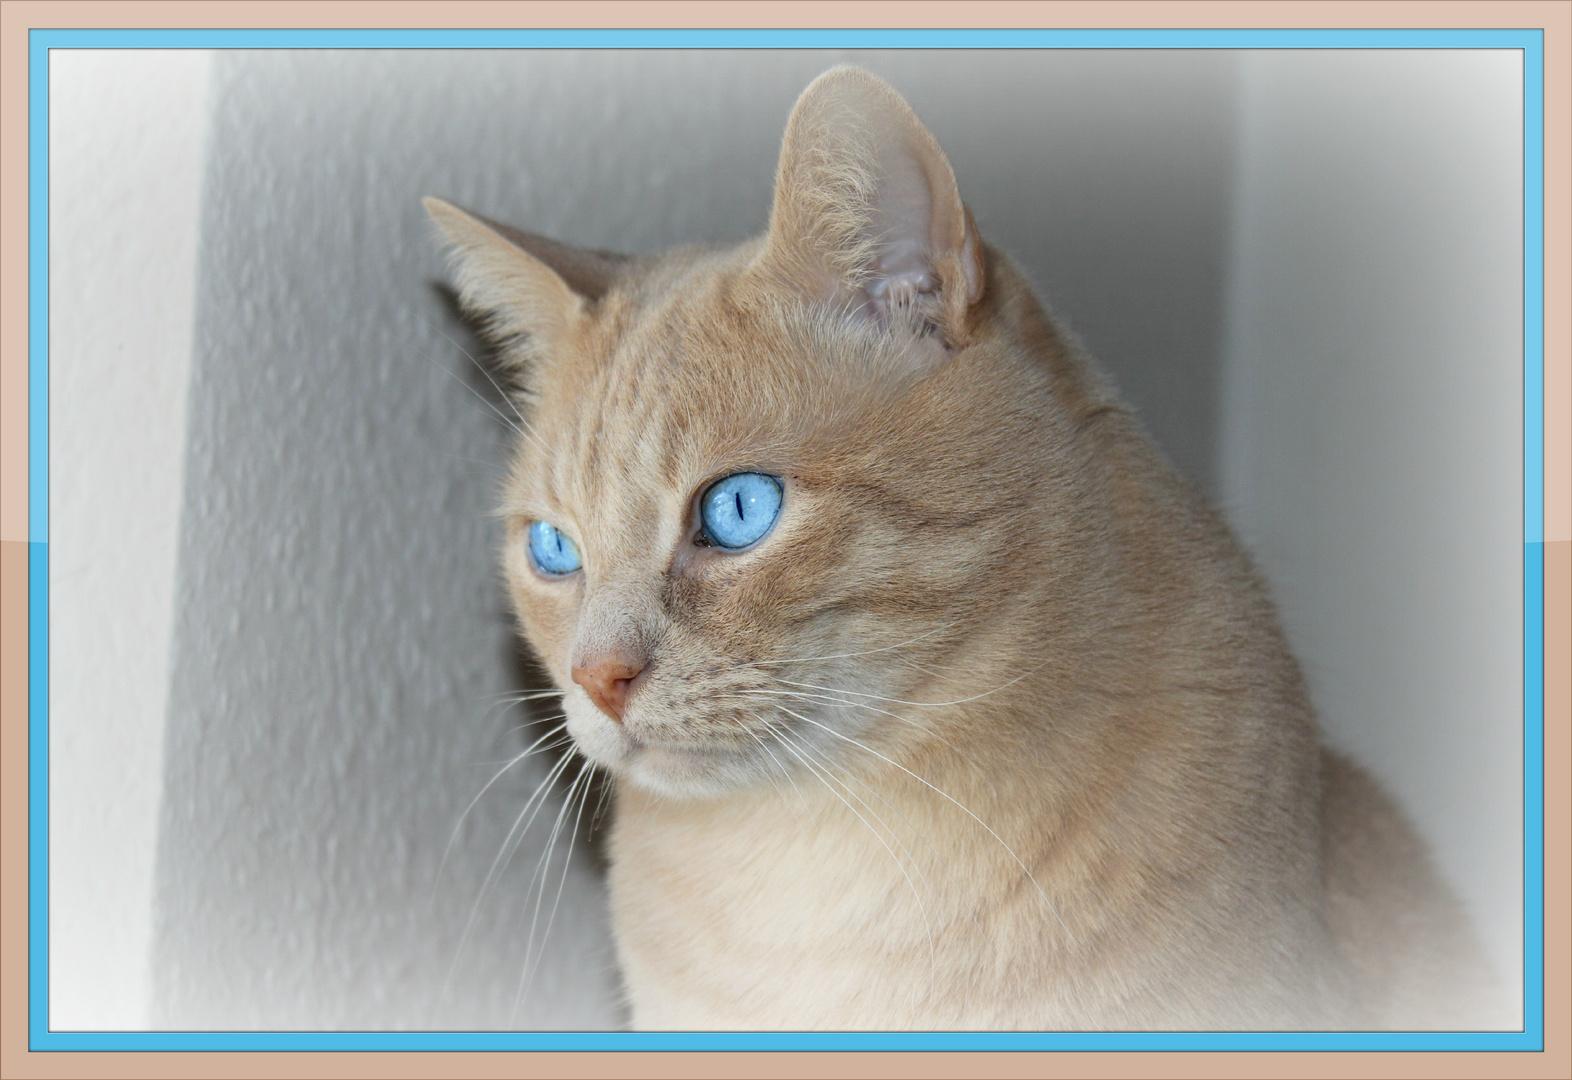 Die Augen einer Katze sind Fenster, die uns in eine andere Welt blicken lassen...